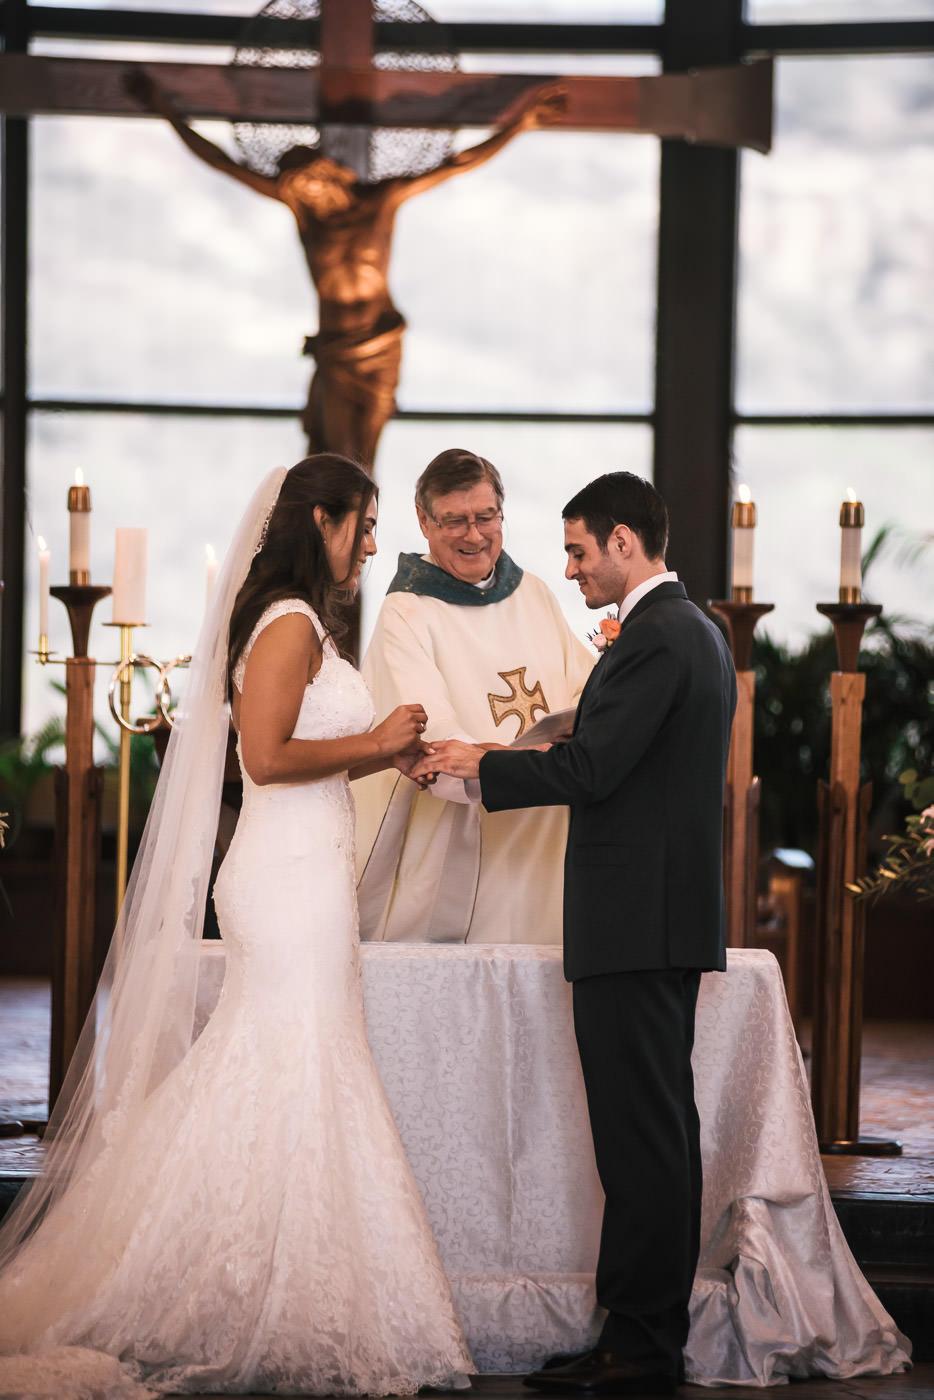 Bride puts wedding ring on her new husbands finger.